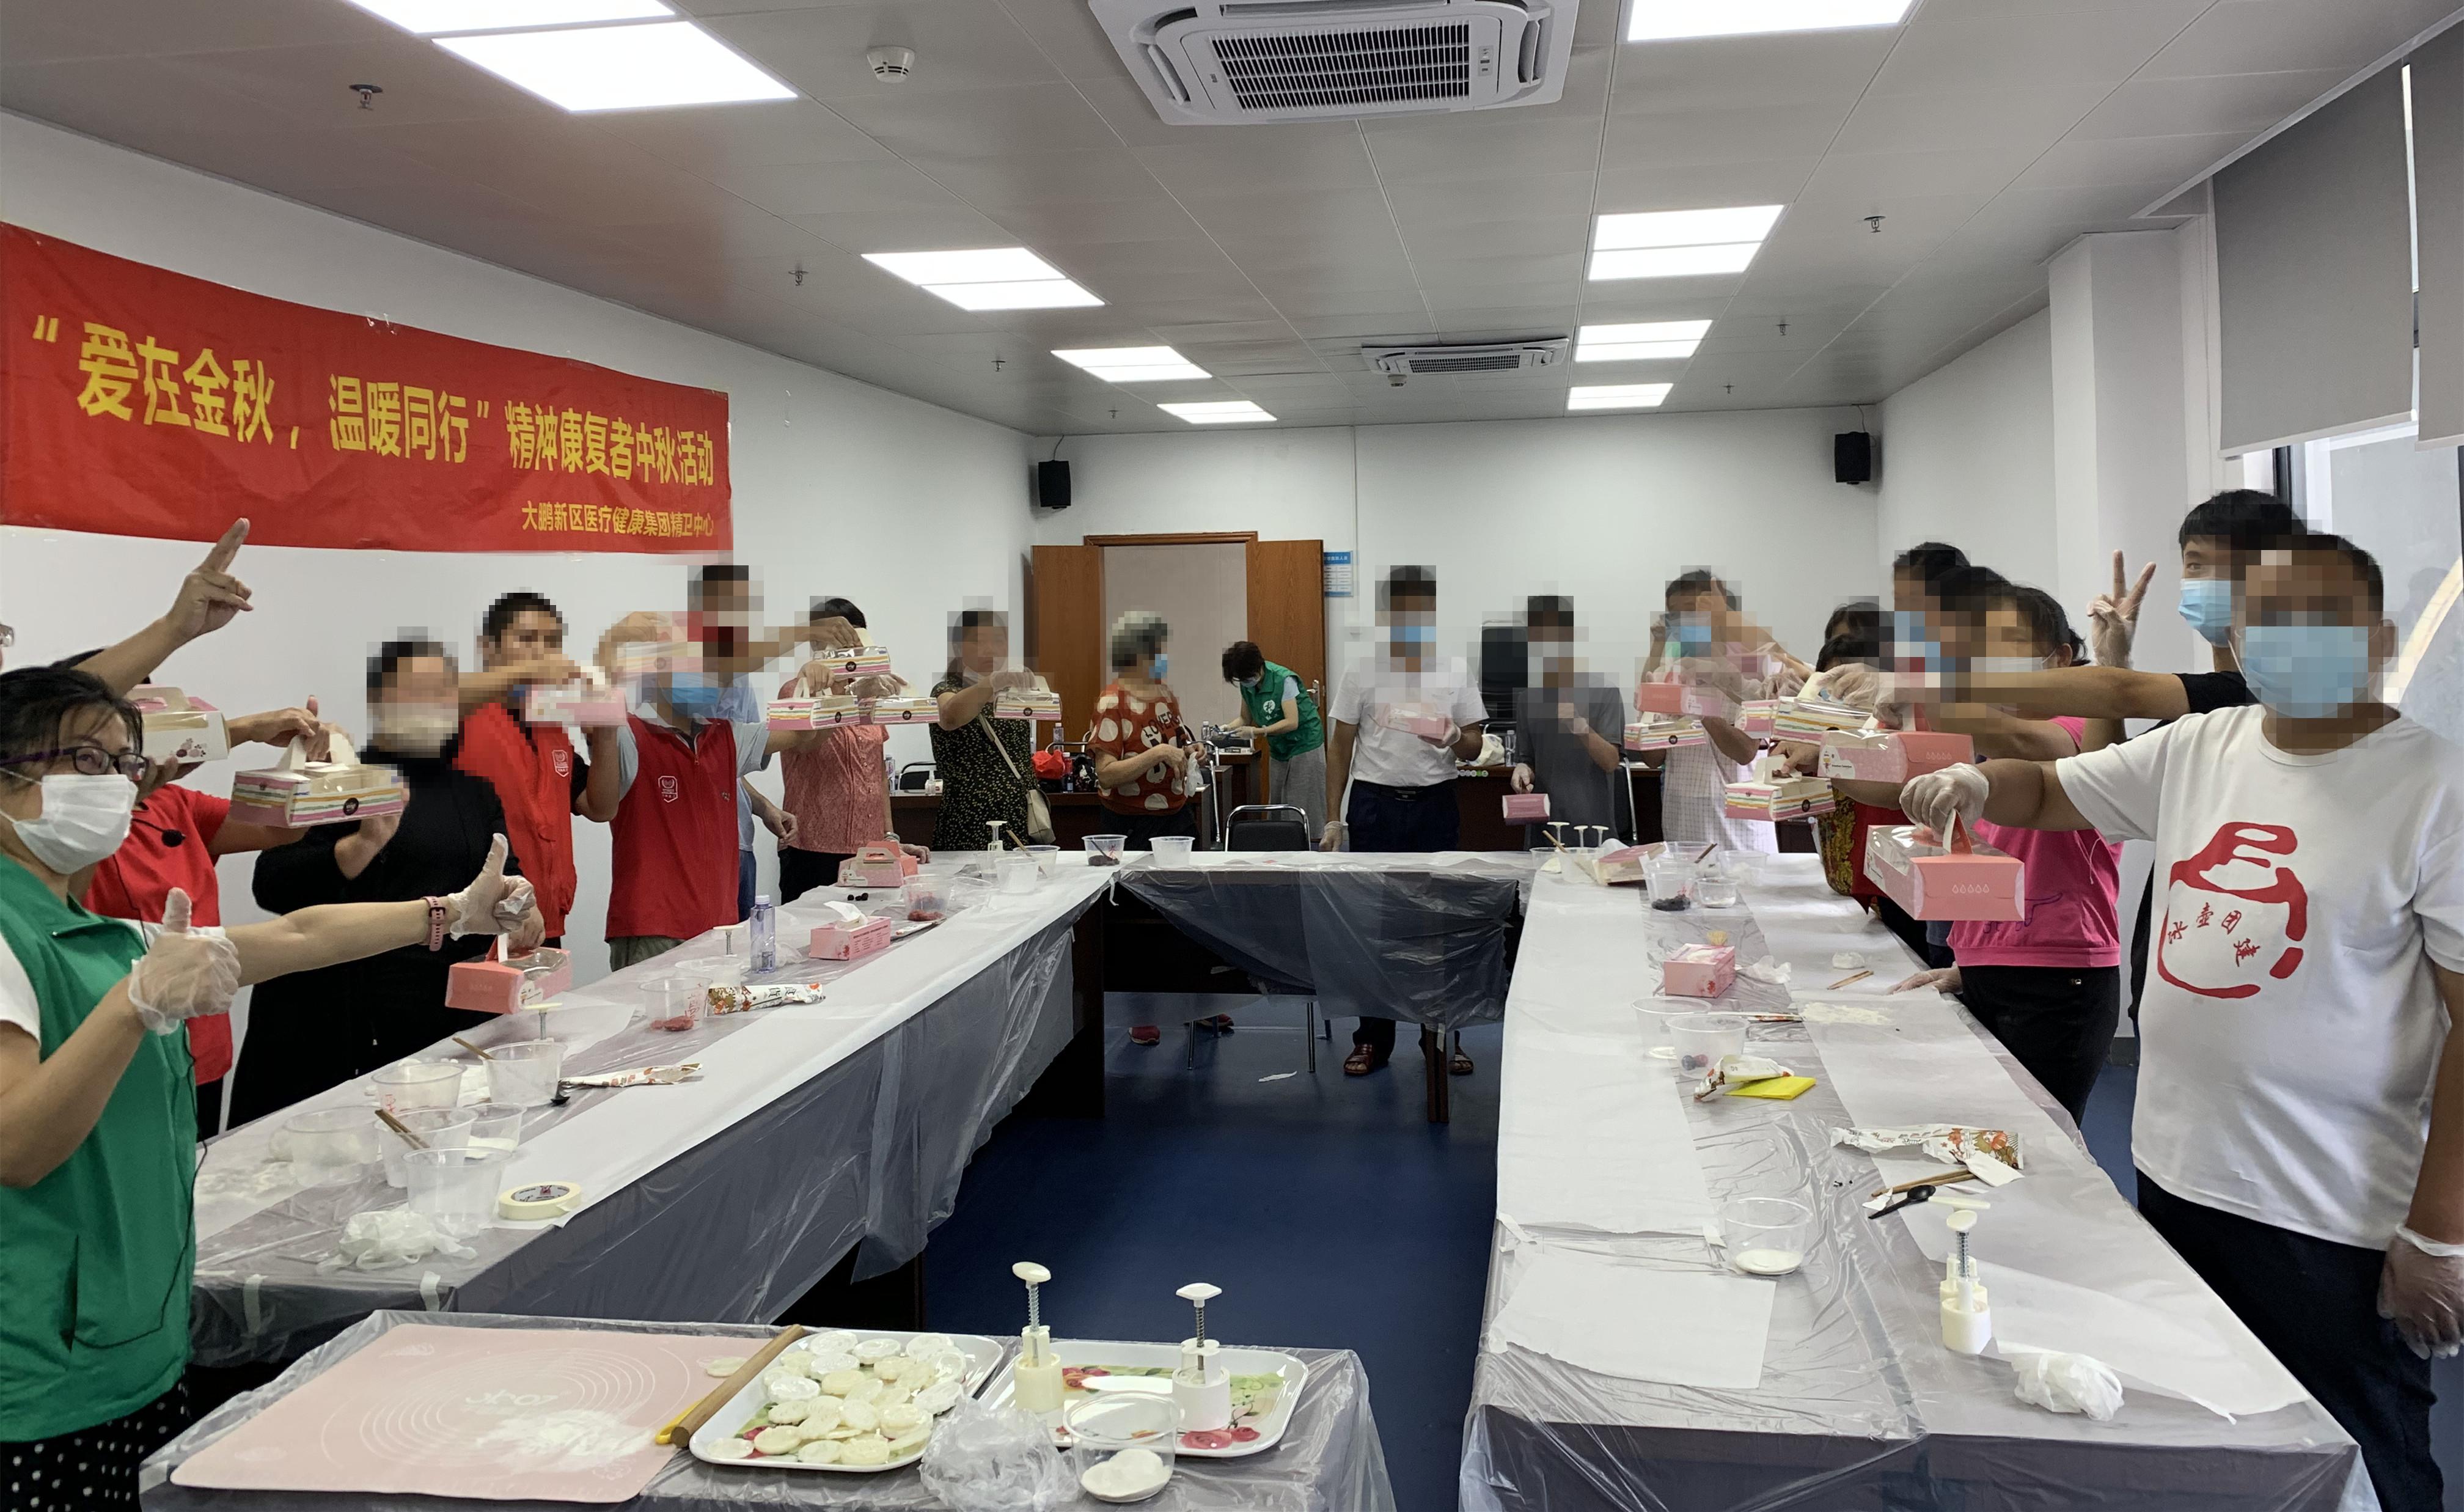 大鹏新区医疗健康集团精卫中心多元化服务,挖掘精神康复者个人潜能